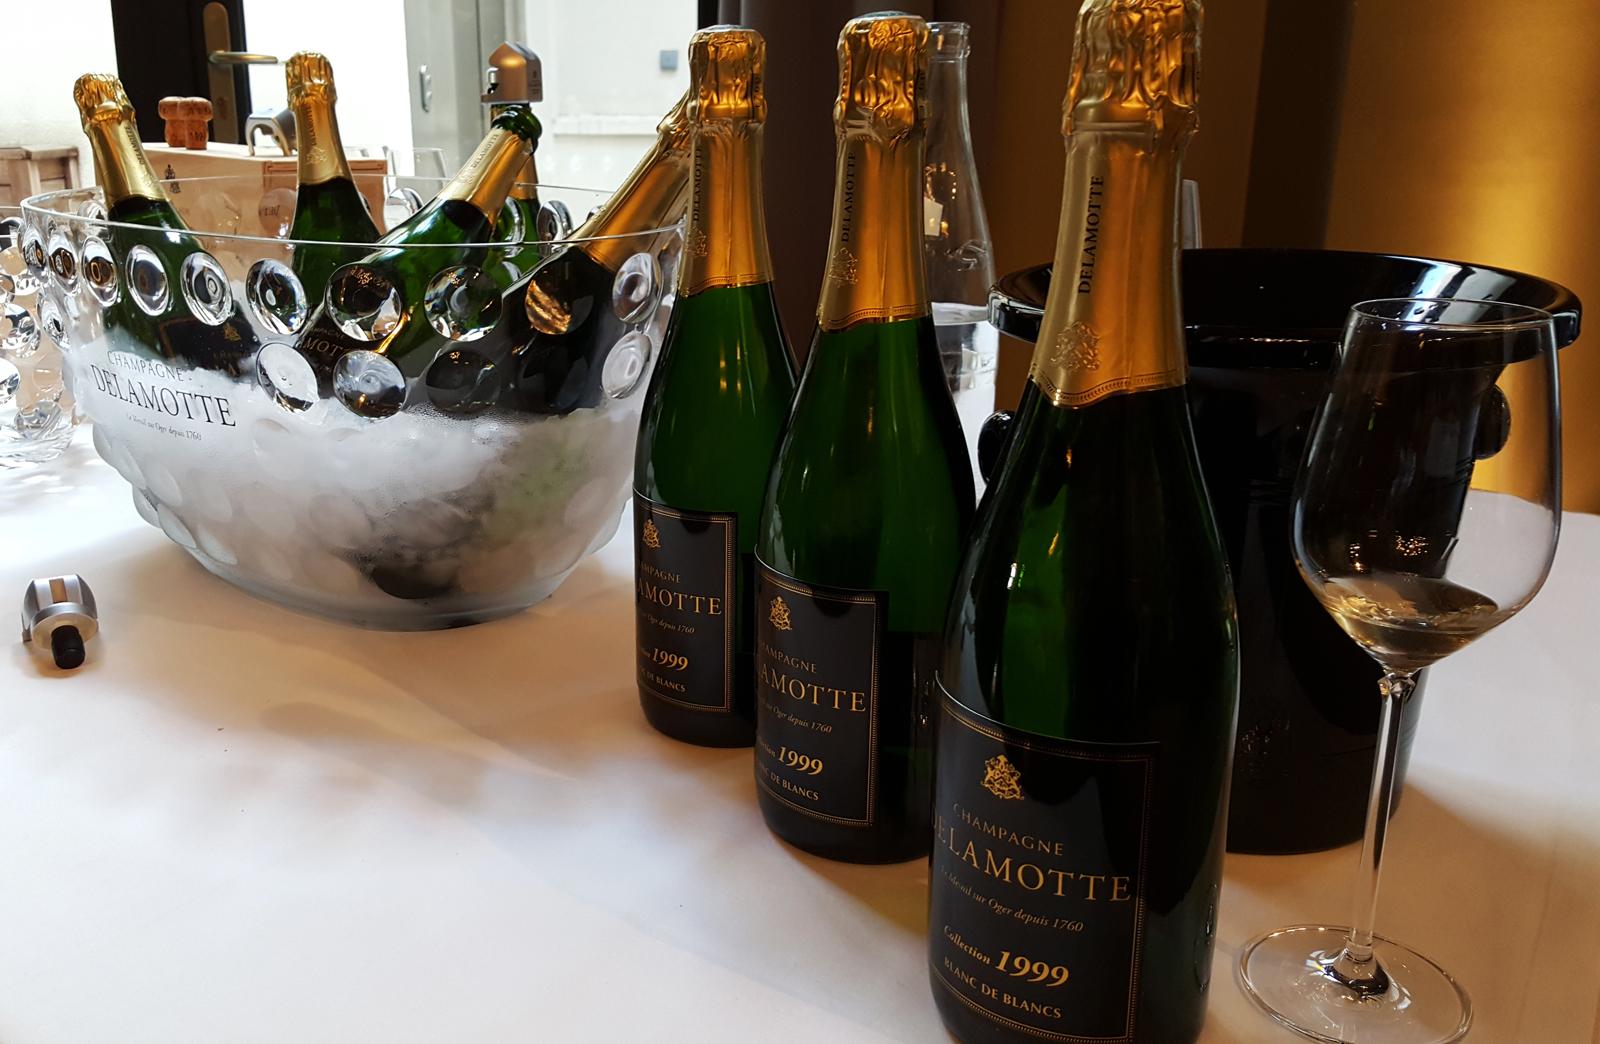 Champagne delamotte champagne salon cuv e collection for Salon vin paris